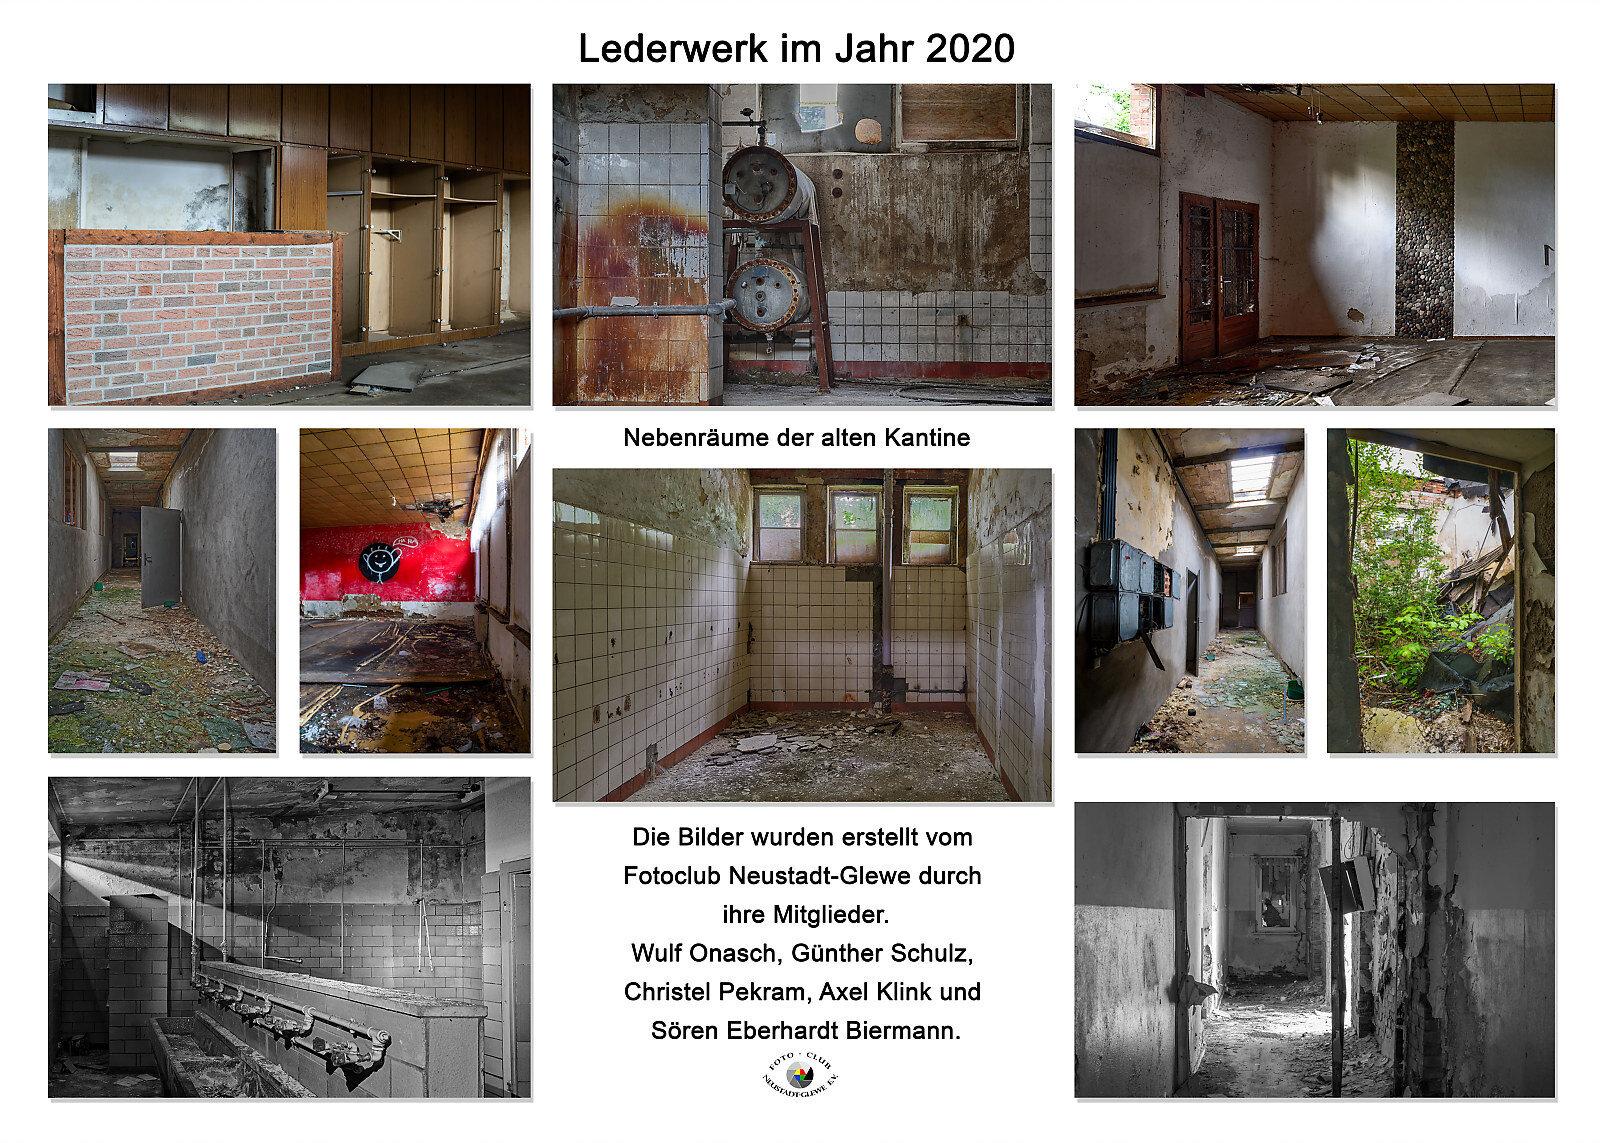 Lederwerk_Collage_Fotoclub_3